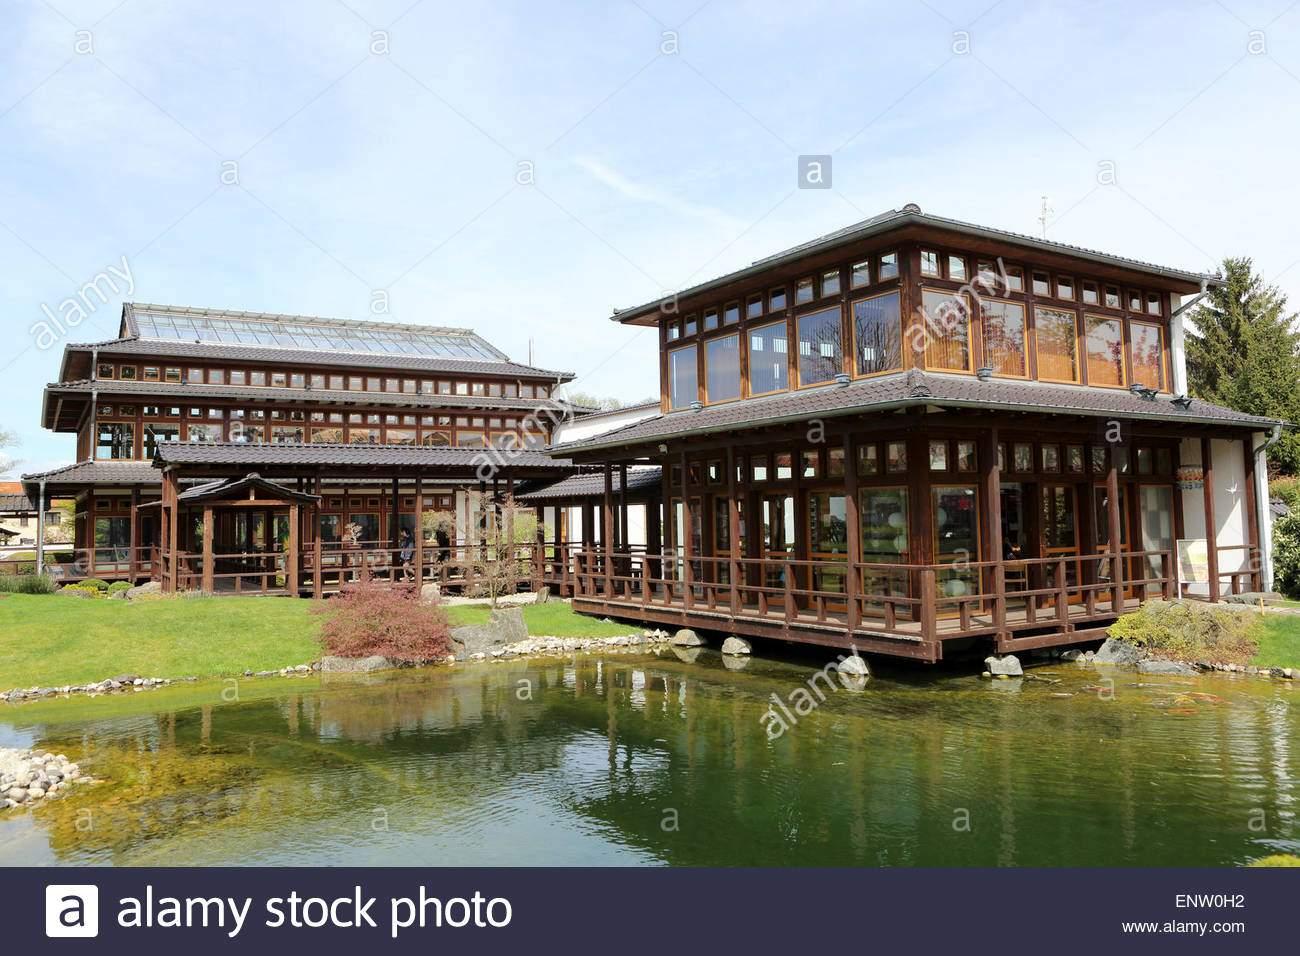 pavillons von zierteich im japanischen garten japanischer garten in bad langensalza deutschland enw0h2